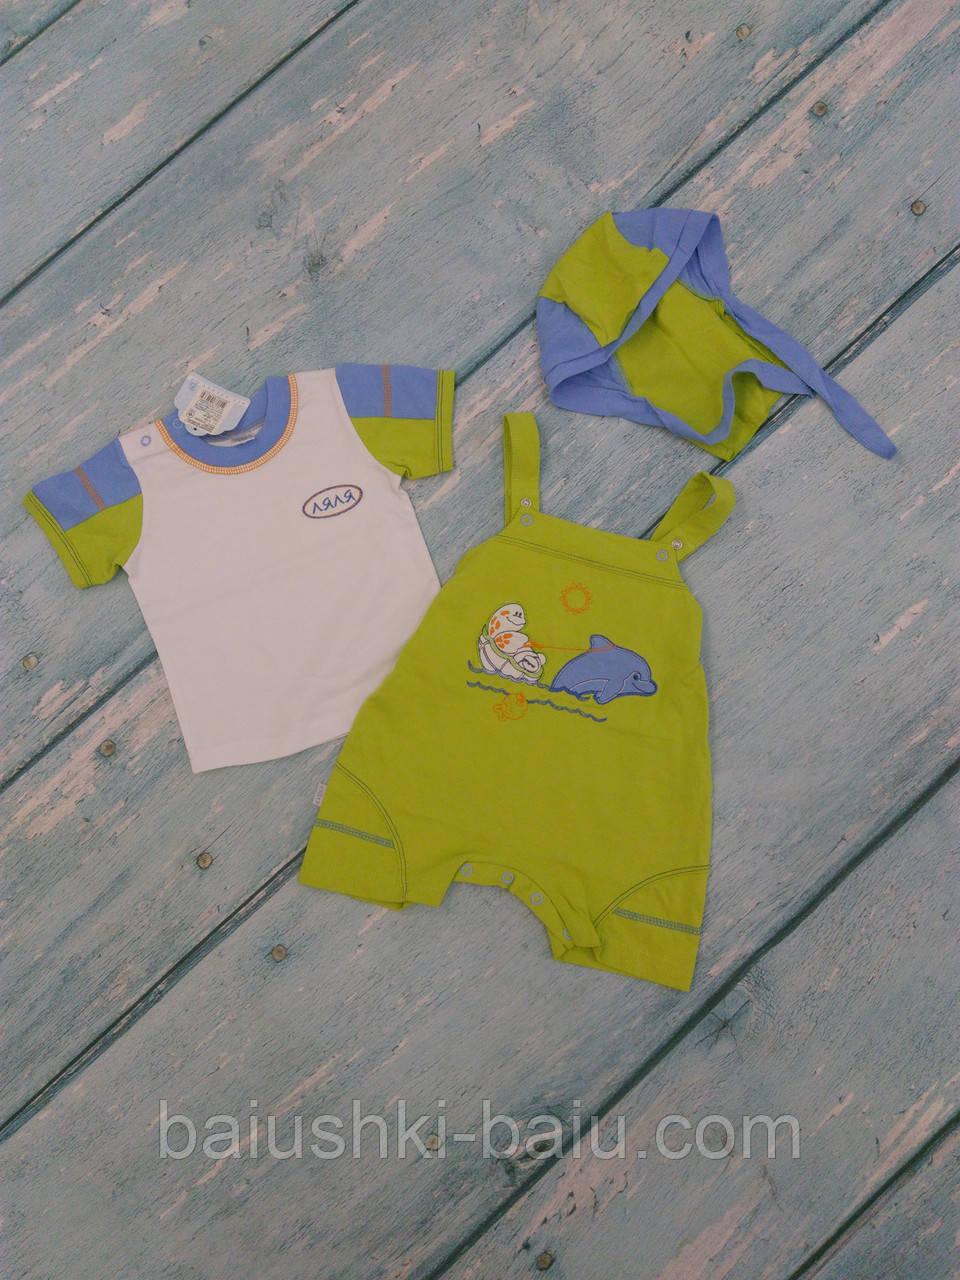 Комплект летней одежды для мальчика (футболка, песочник, бандана), р. 68